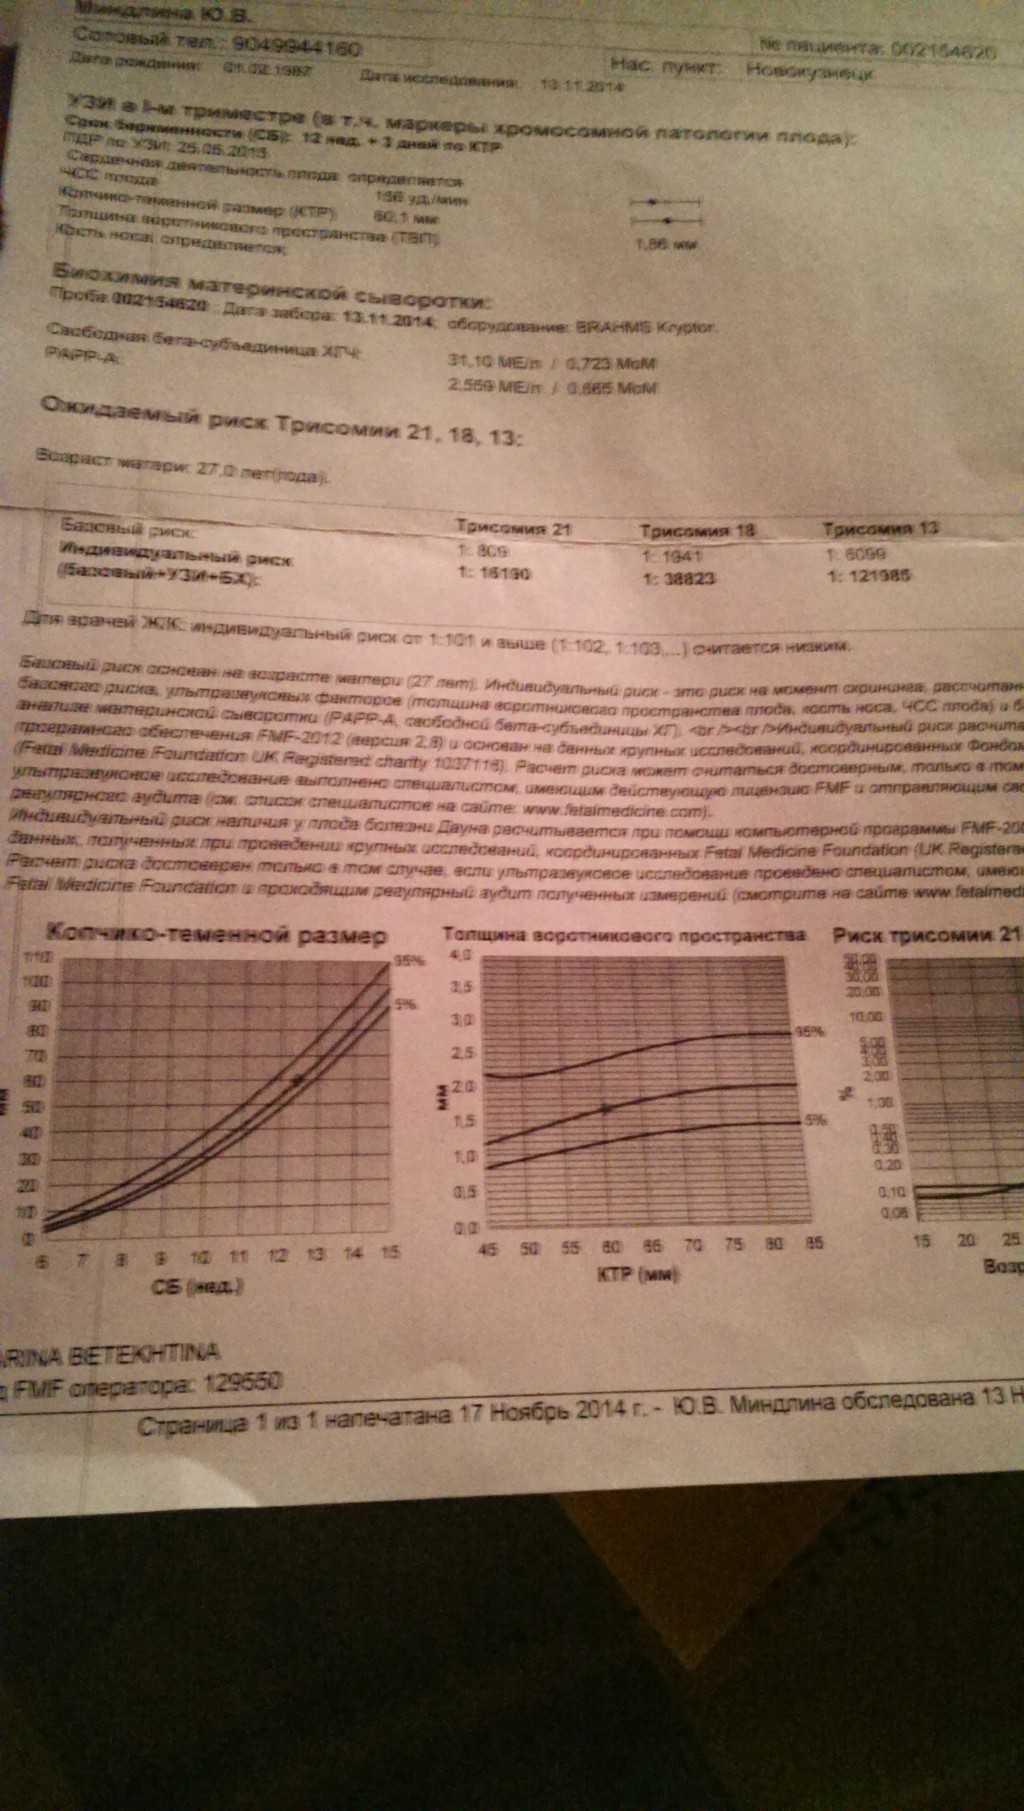 Каким должен быть показатель белка papp-a ?